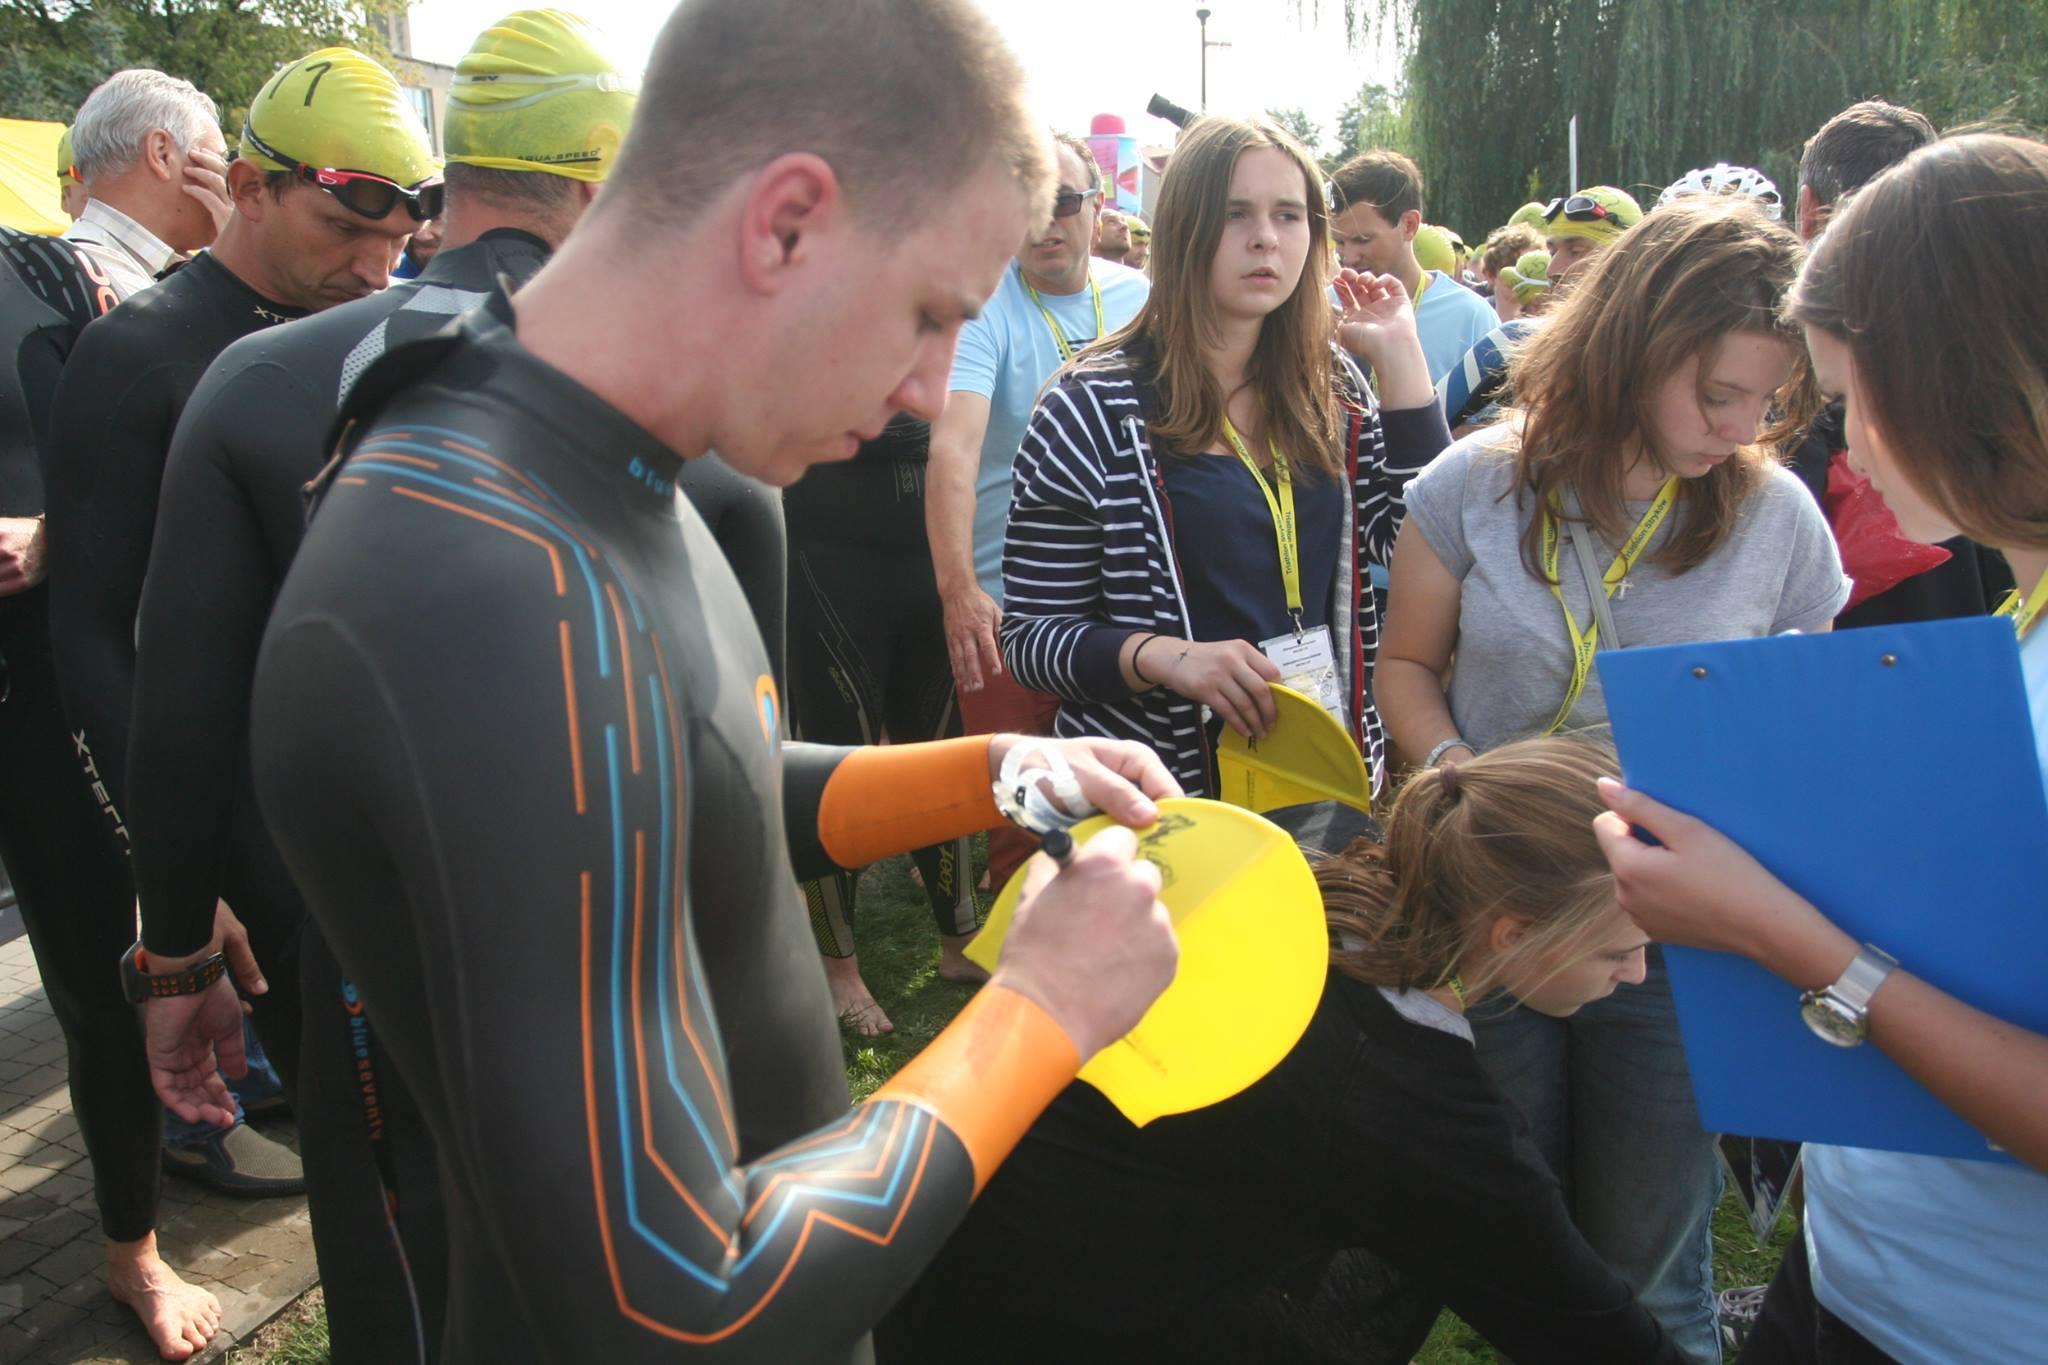 kamil-aleksejew-moj-pierwszy-triathlon-cyklomaniacy-15